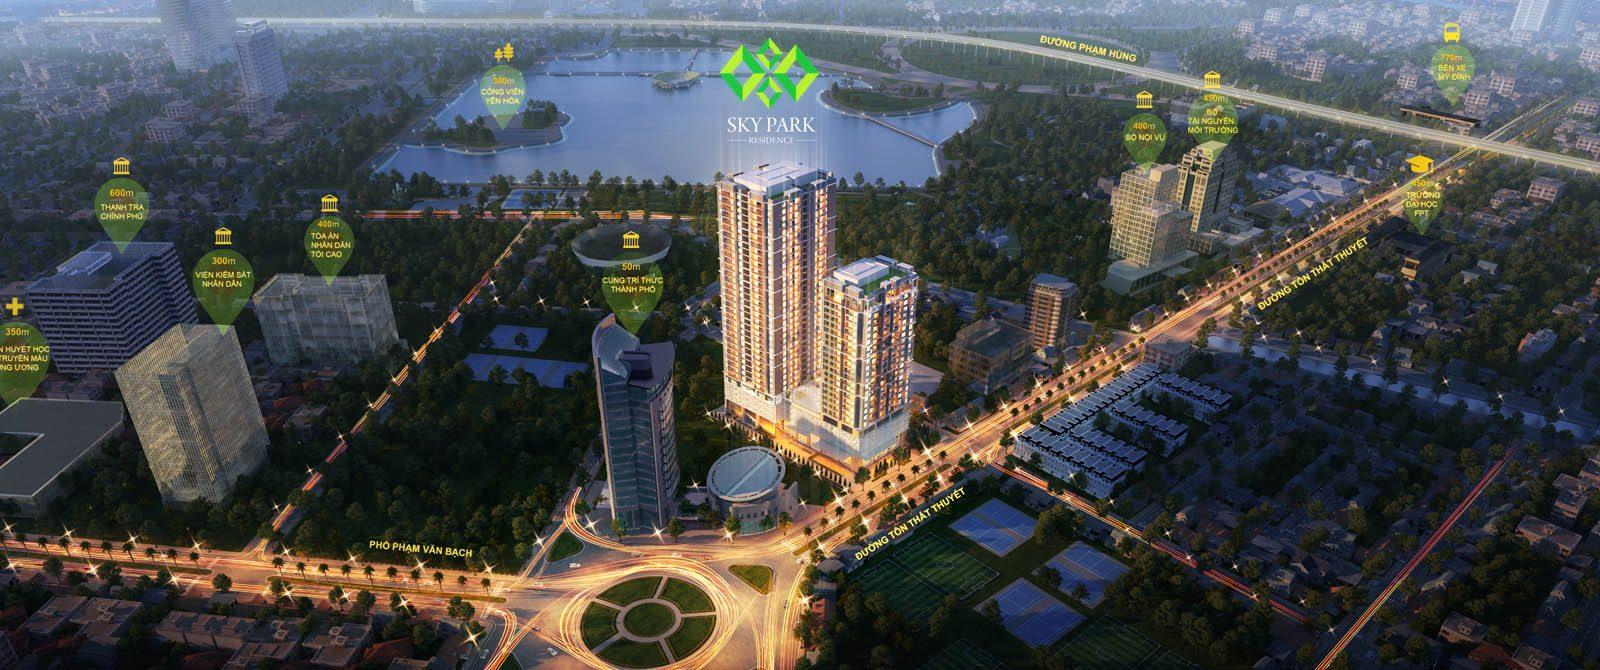 Sky Park Residence là dự án chung cư duy nhất trên tuyến phố Triệu đô Tôn Thất Thuyết